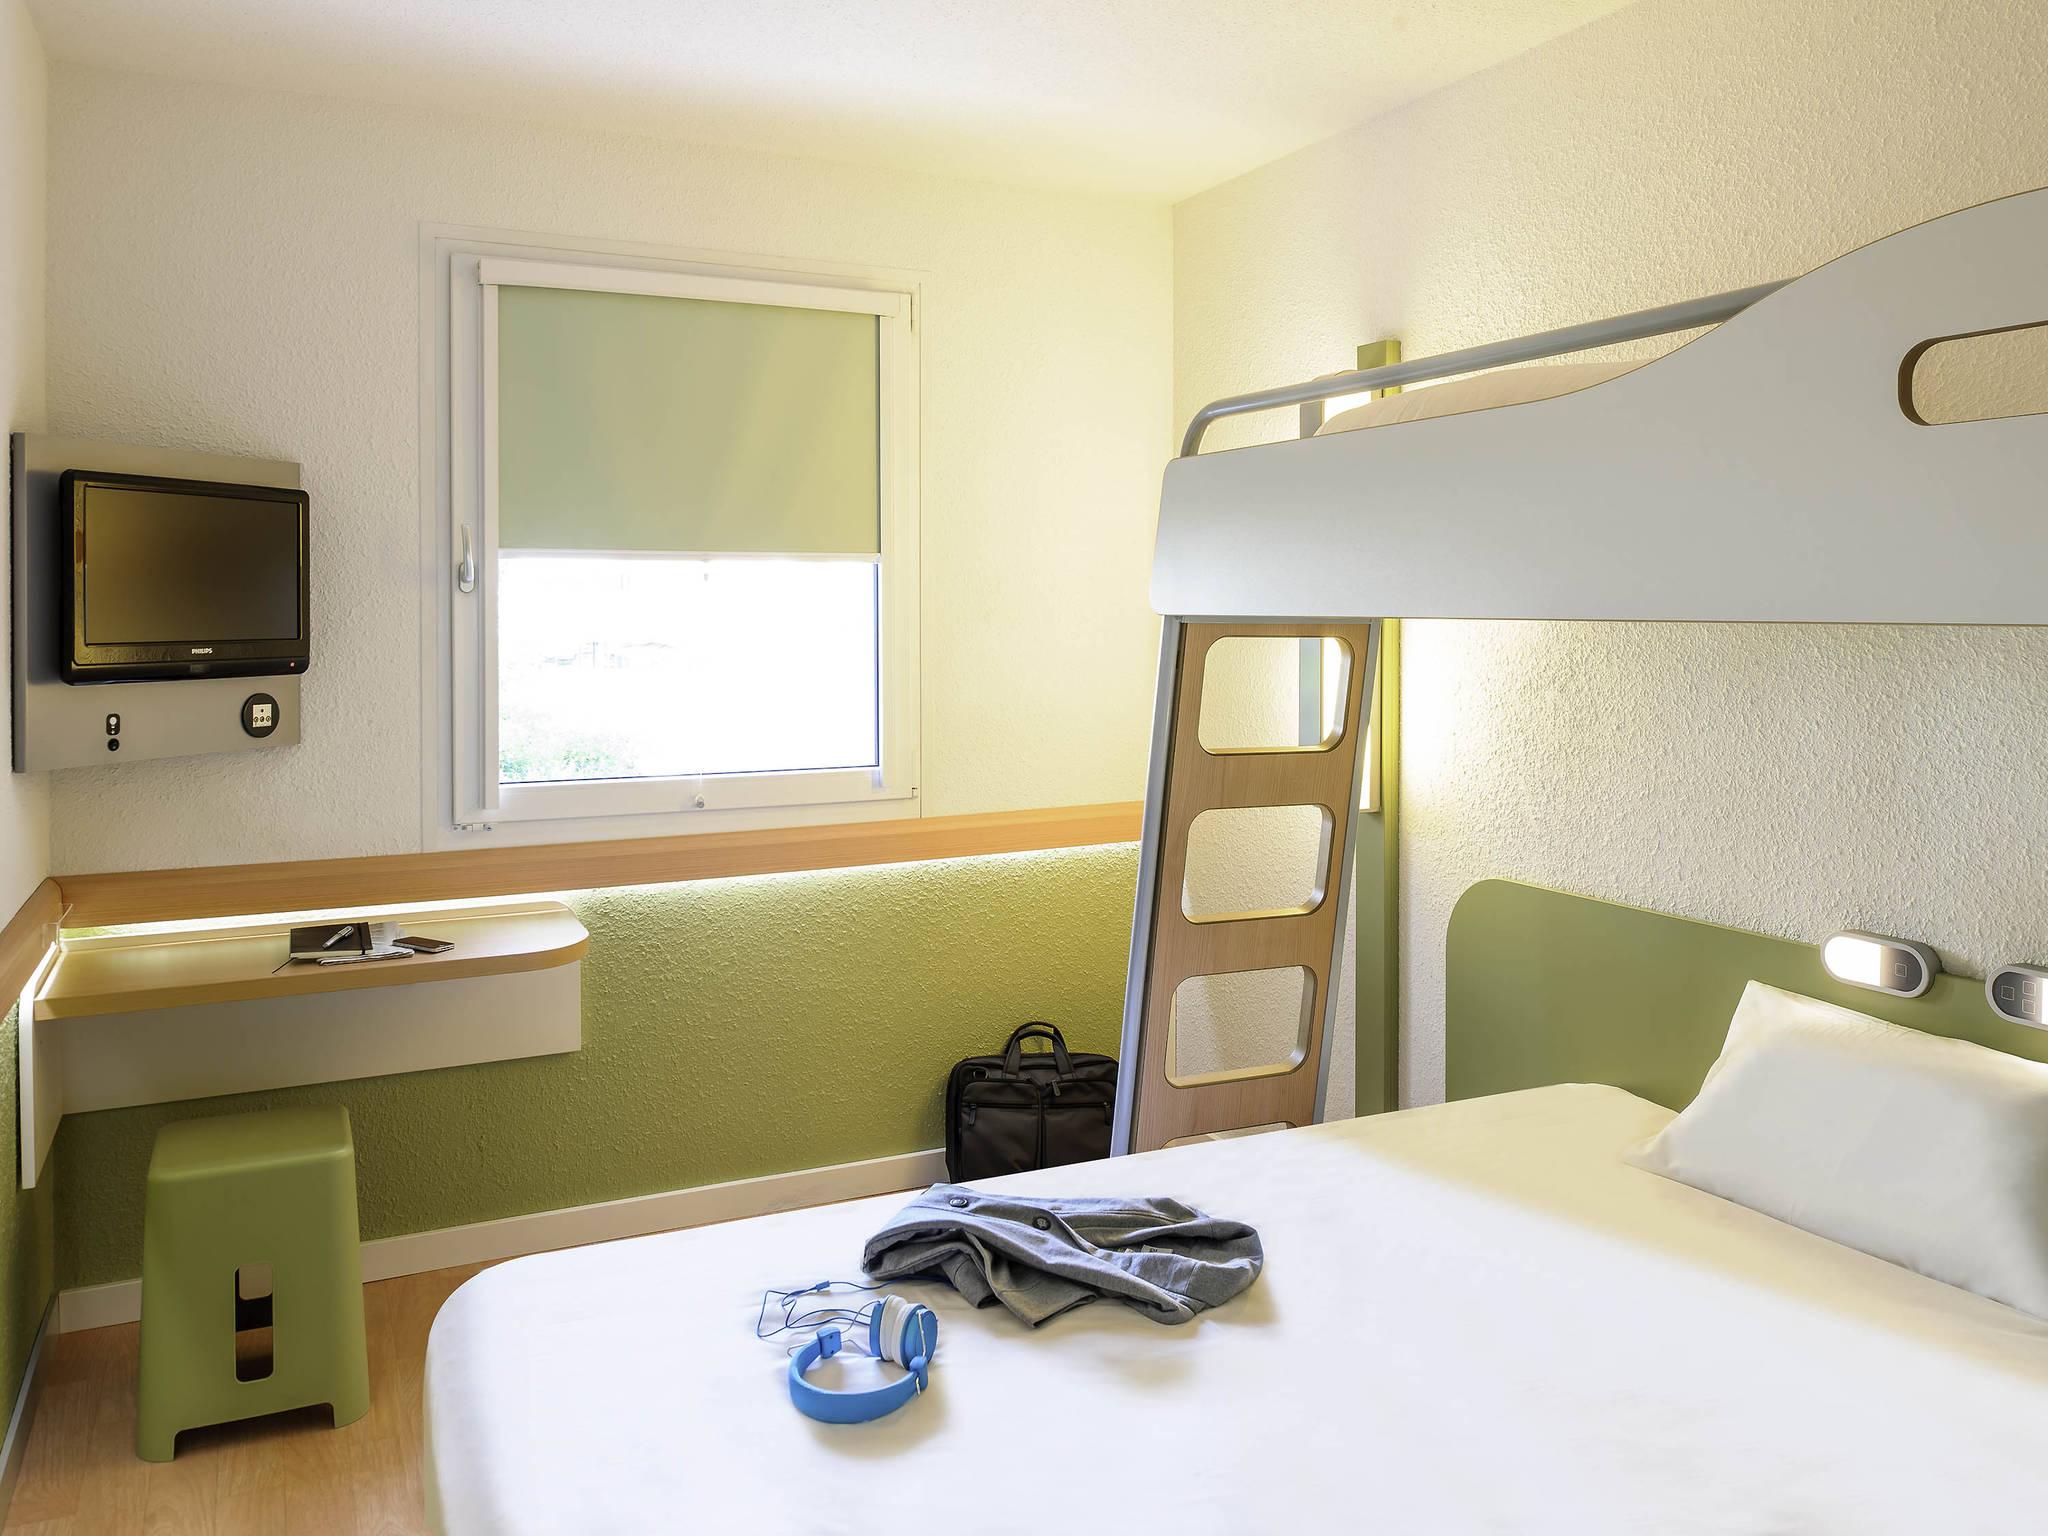 Hotel In CALUIREETCUIRE Ibis Budget Lyon Caluire Cité - Rue de la cuisine caluire